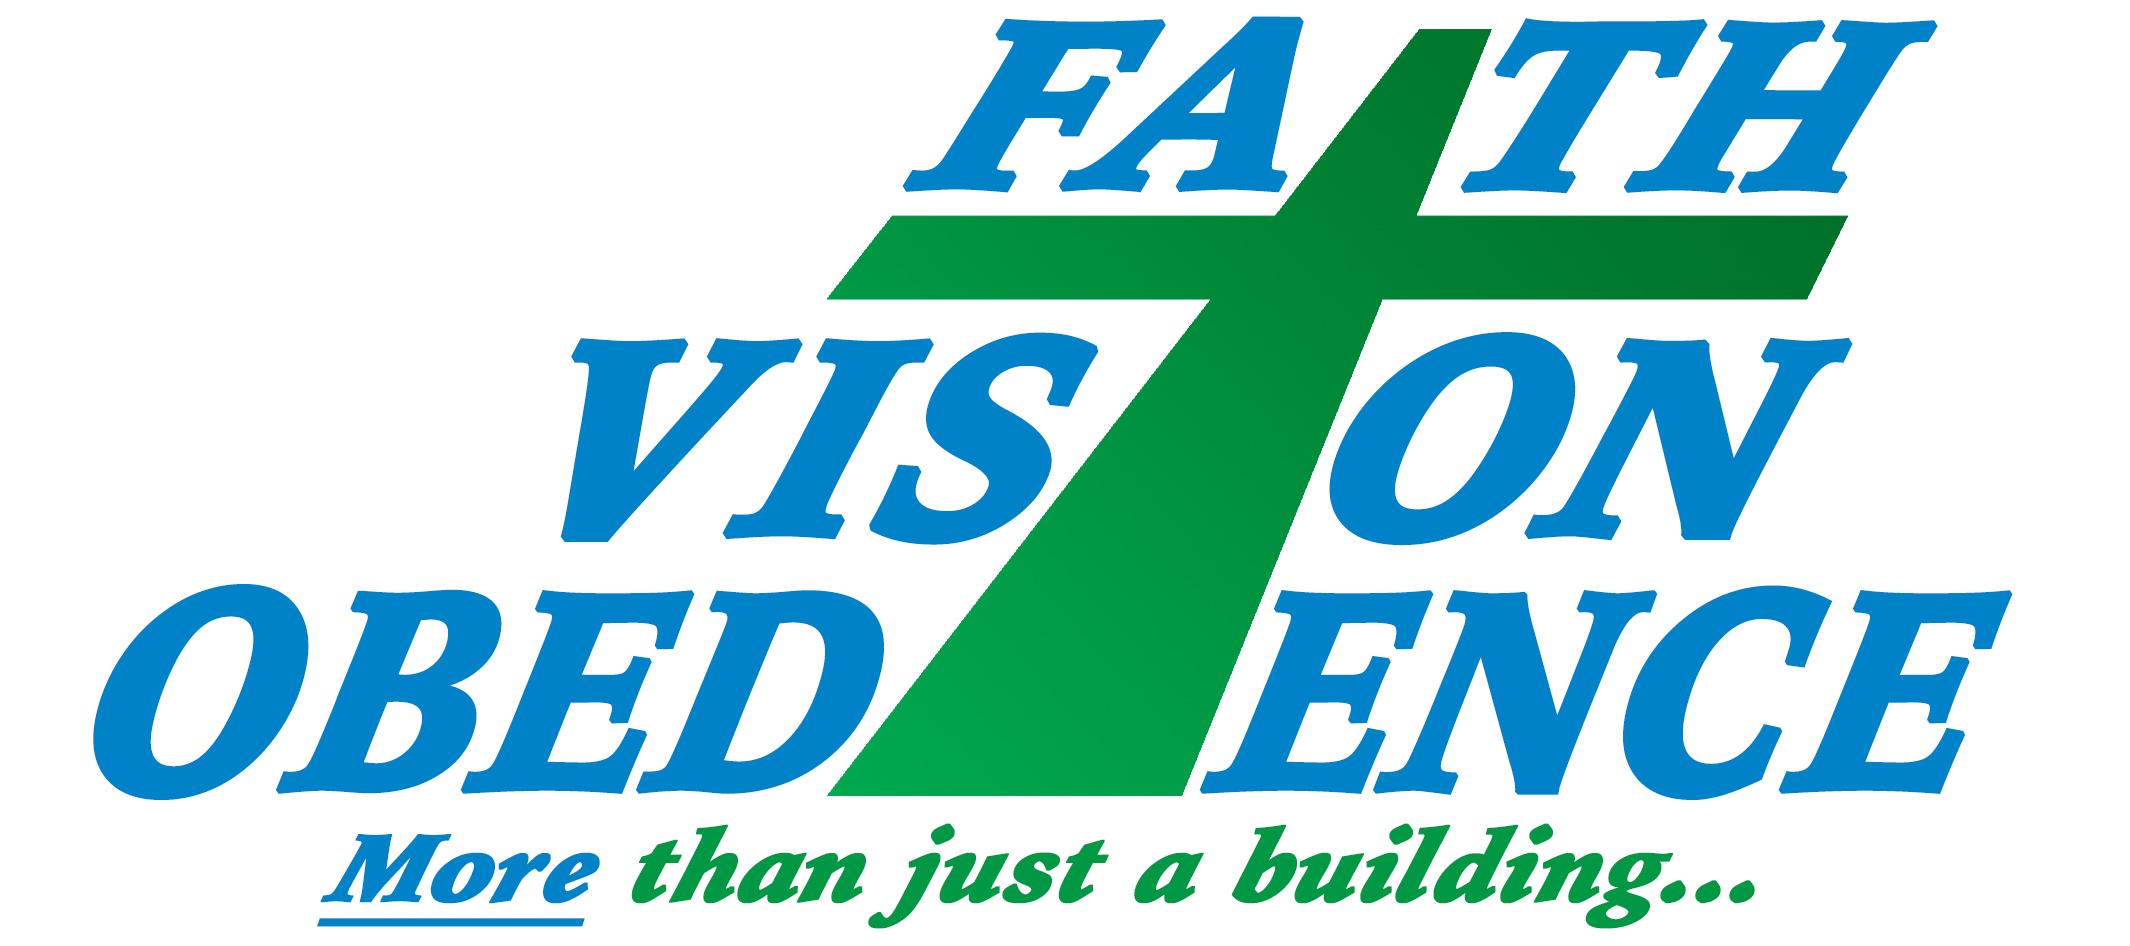 - -Campaign Logo-Bulletin Insert on 2-11-18-Bulletin Insert on 2-18-18-Bulletin Insert on 2-25-18- Bulletin Insert on 3-18-18-Bulletin Insert on 4-29-18